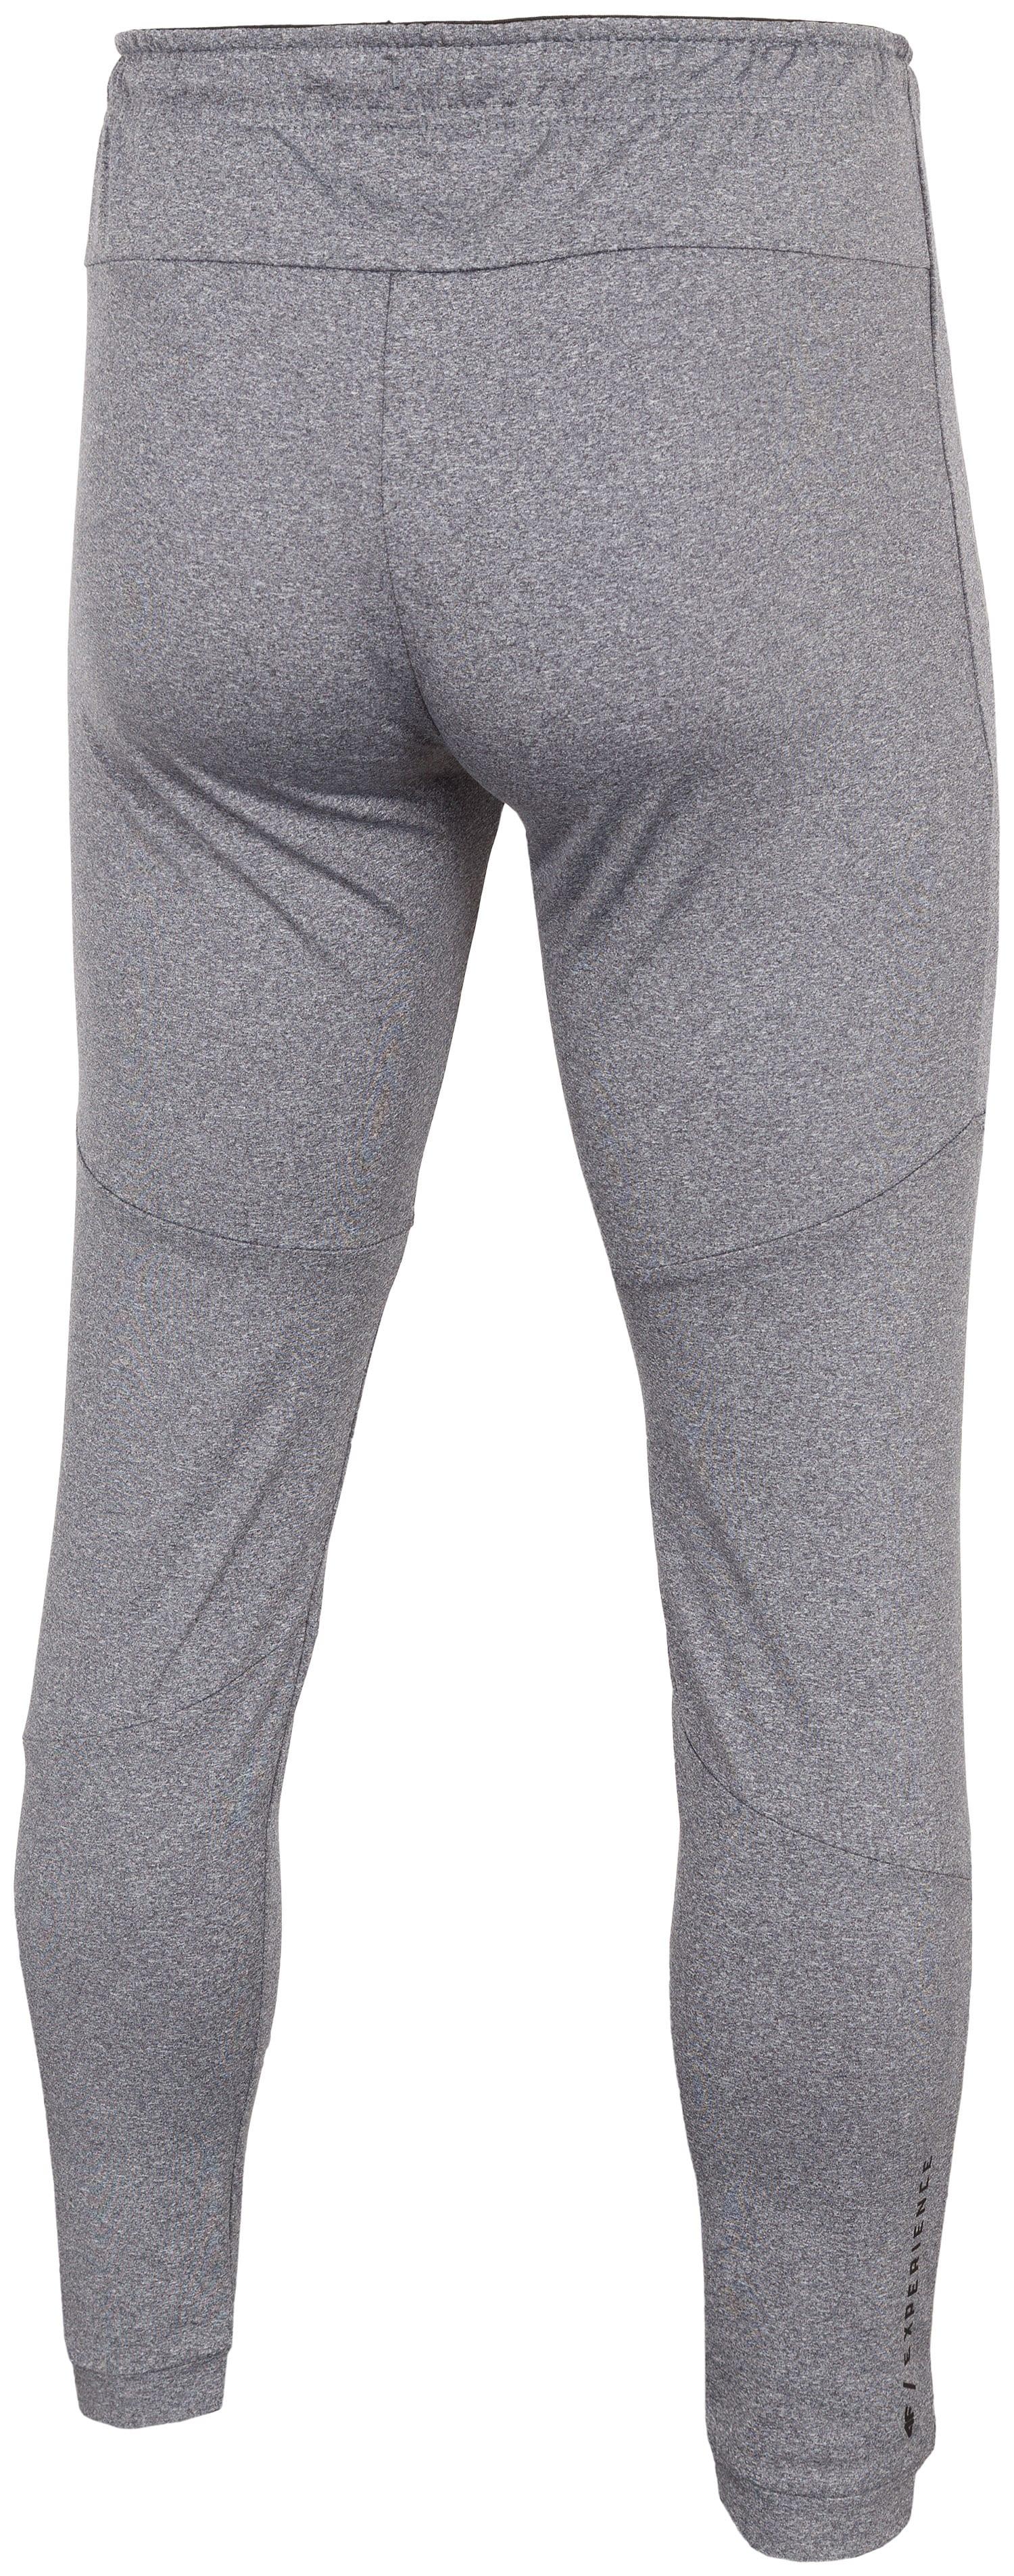 a6b0c74b9 Spodnie treningowe męskie SPMTR271 - średni szary melanż